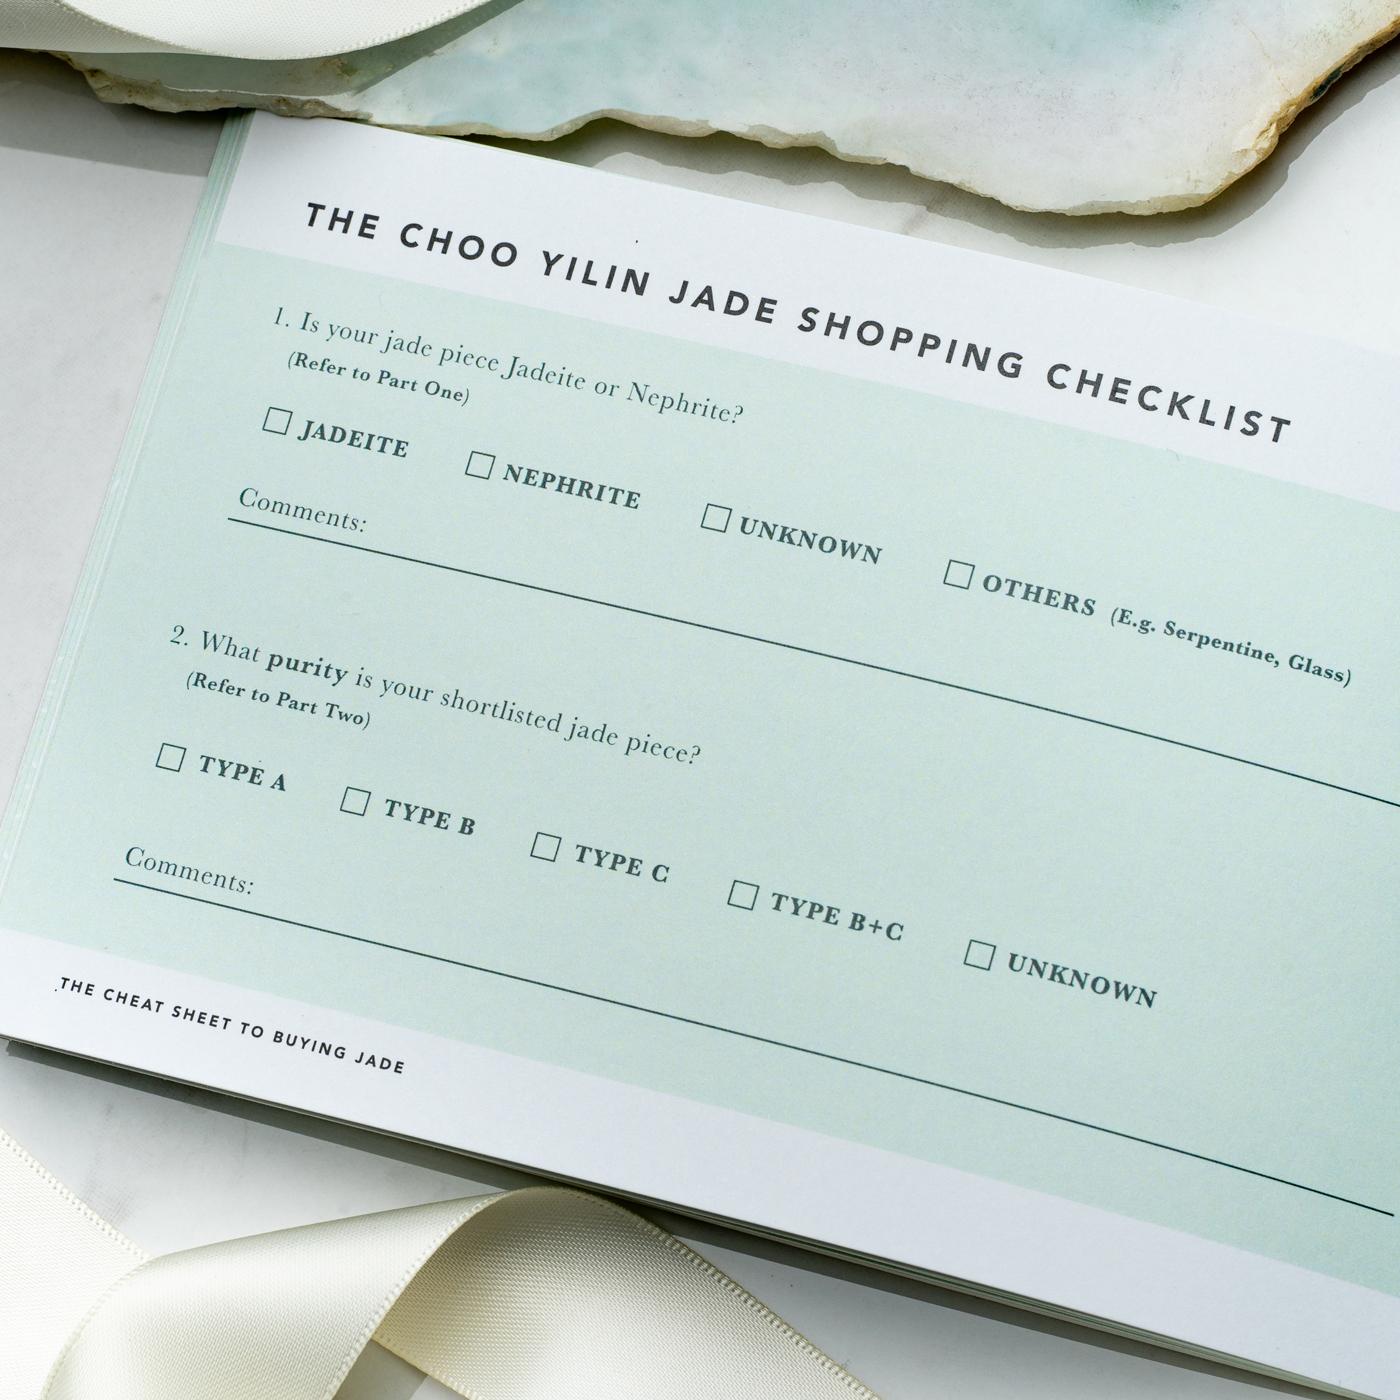 CYL-Jade-Shopping-Checklist.jpg